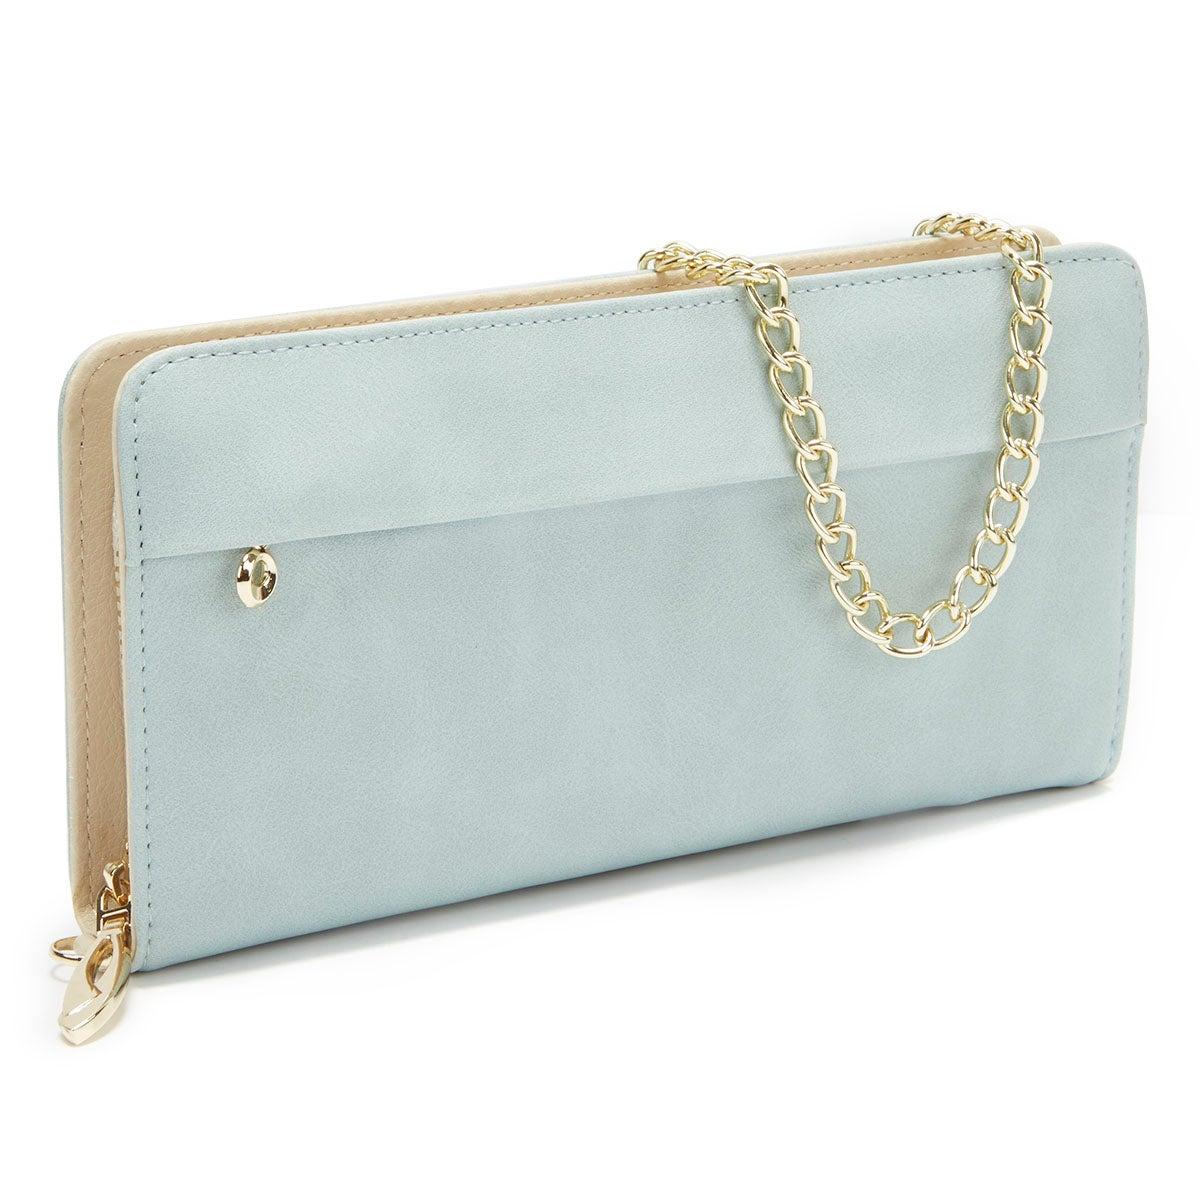 Lds blue zip around convertible wallet